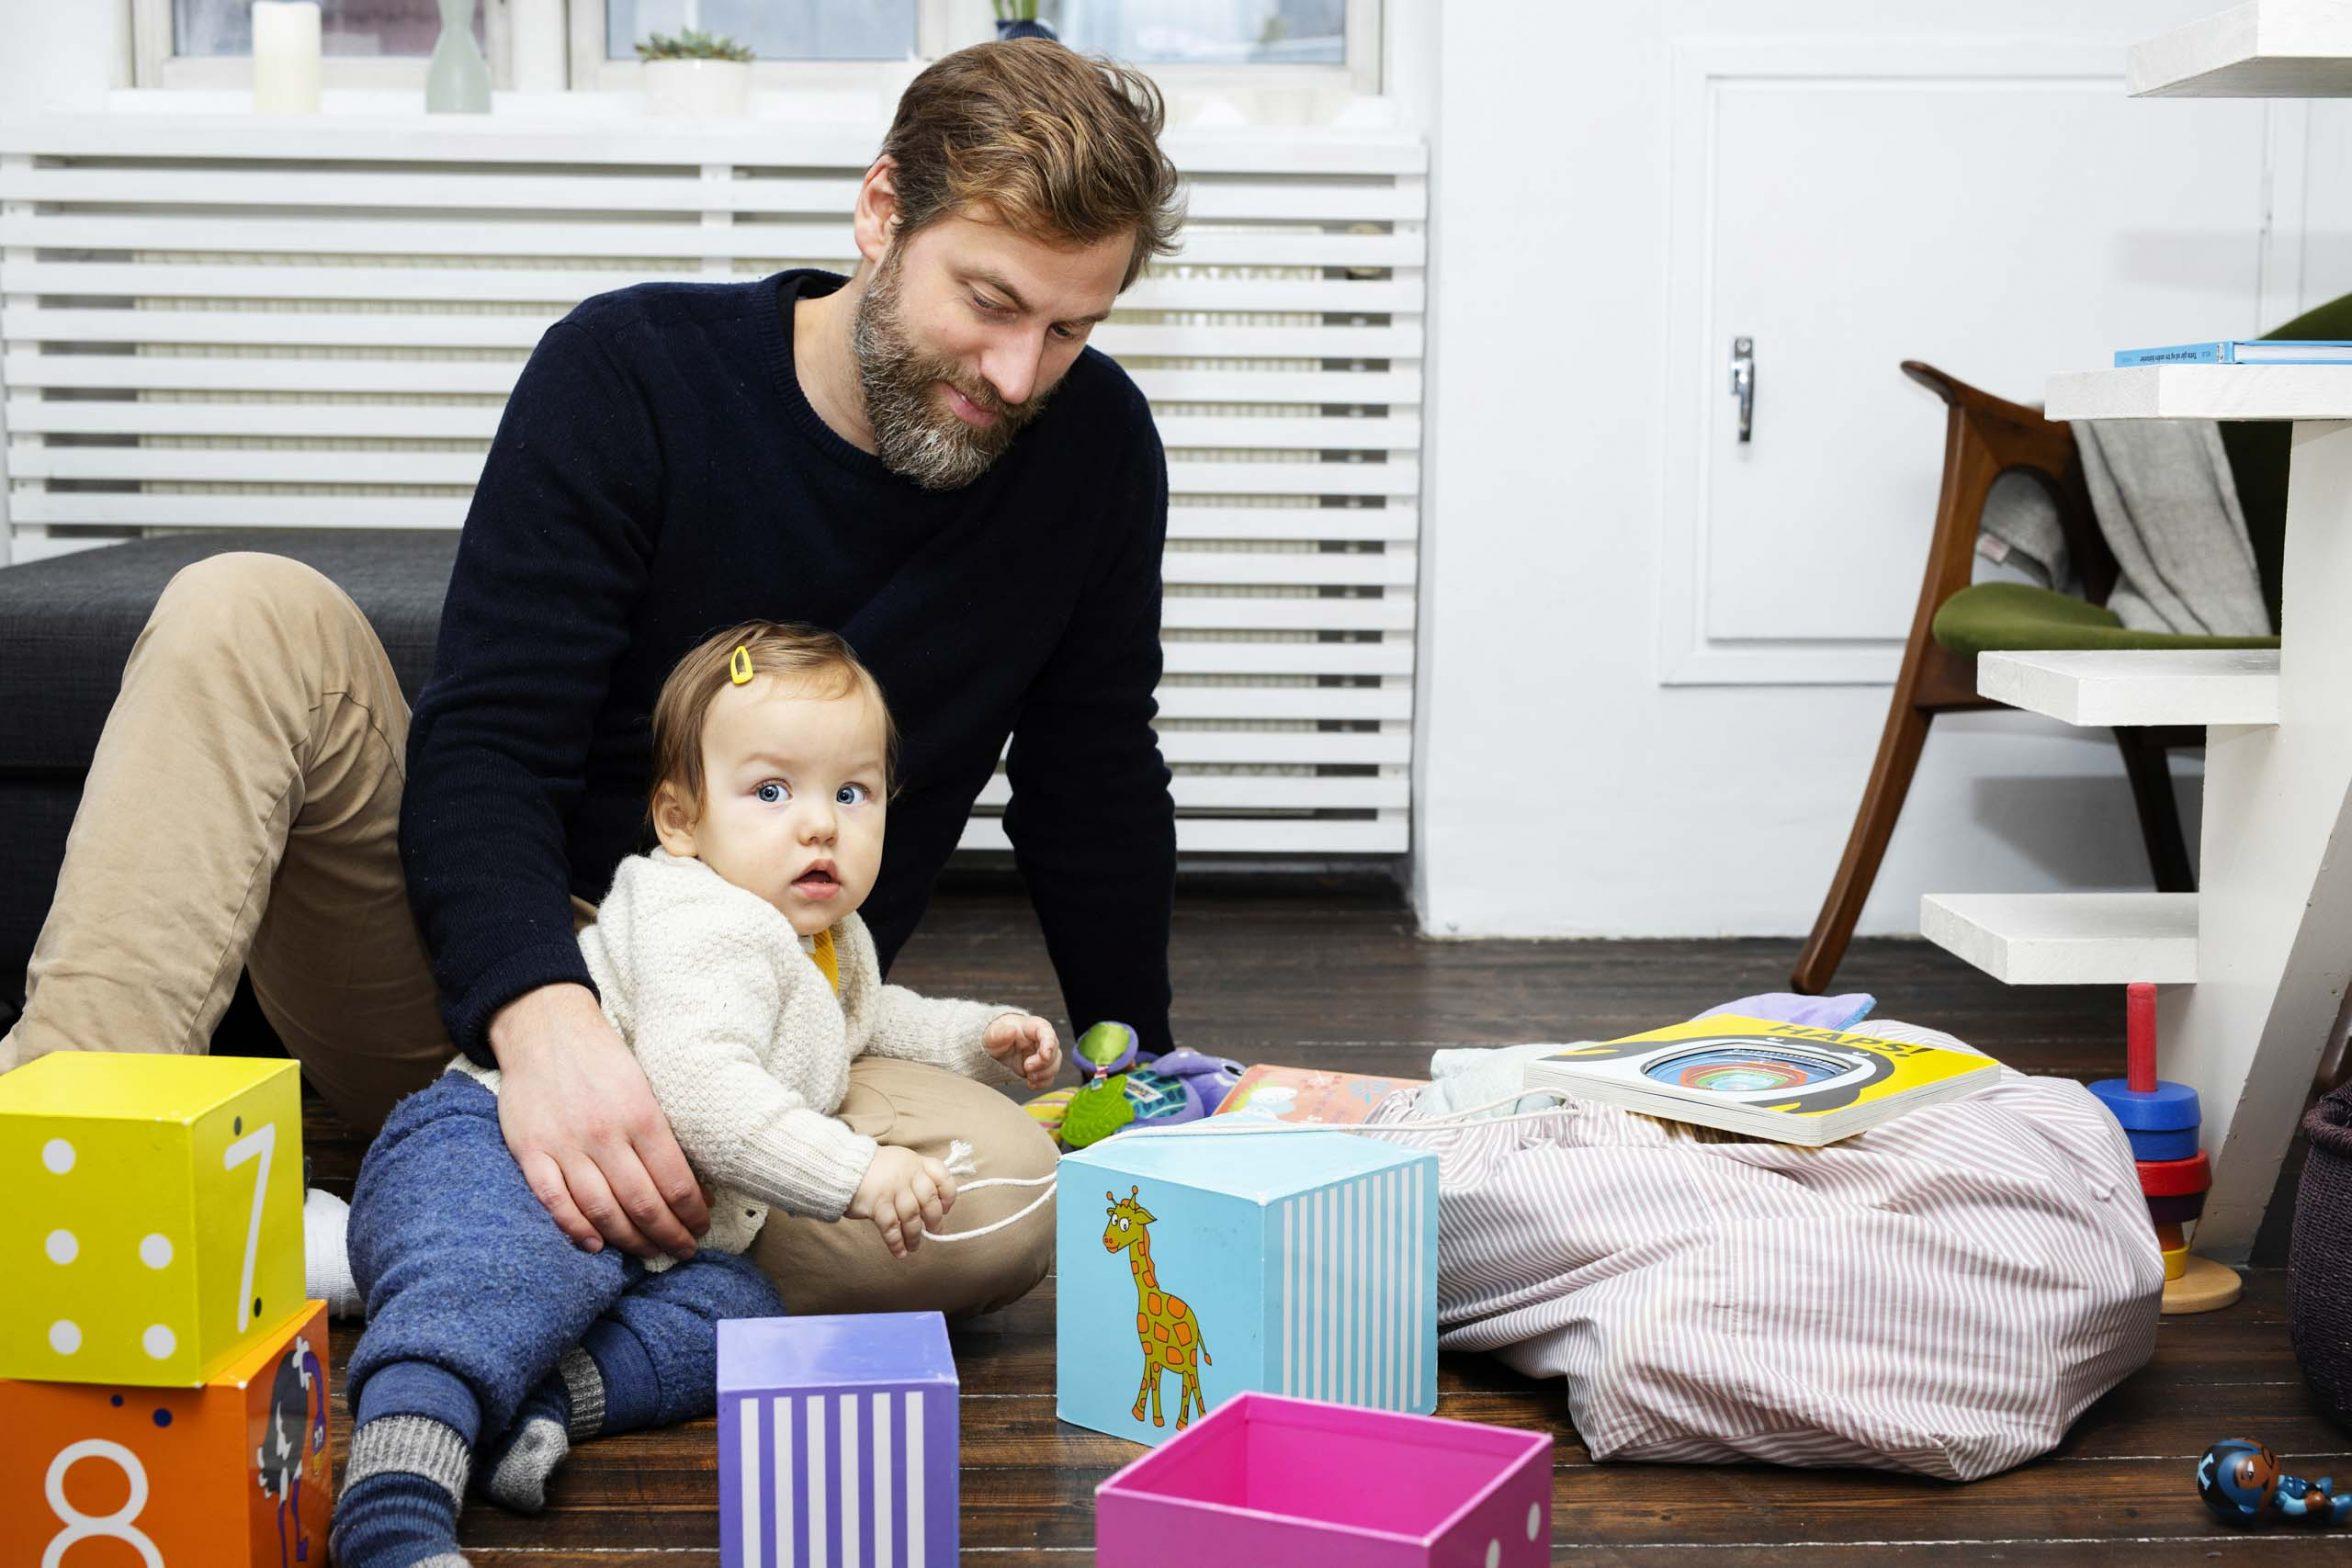 Far leger med sin datter. Foto: Rie Neuchs